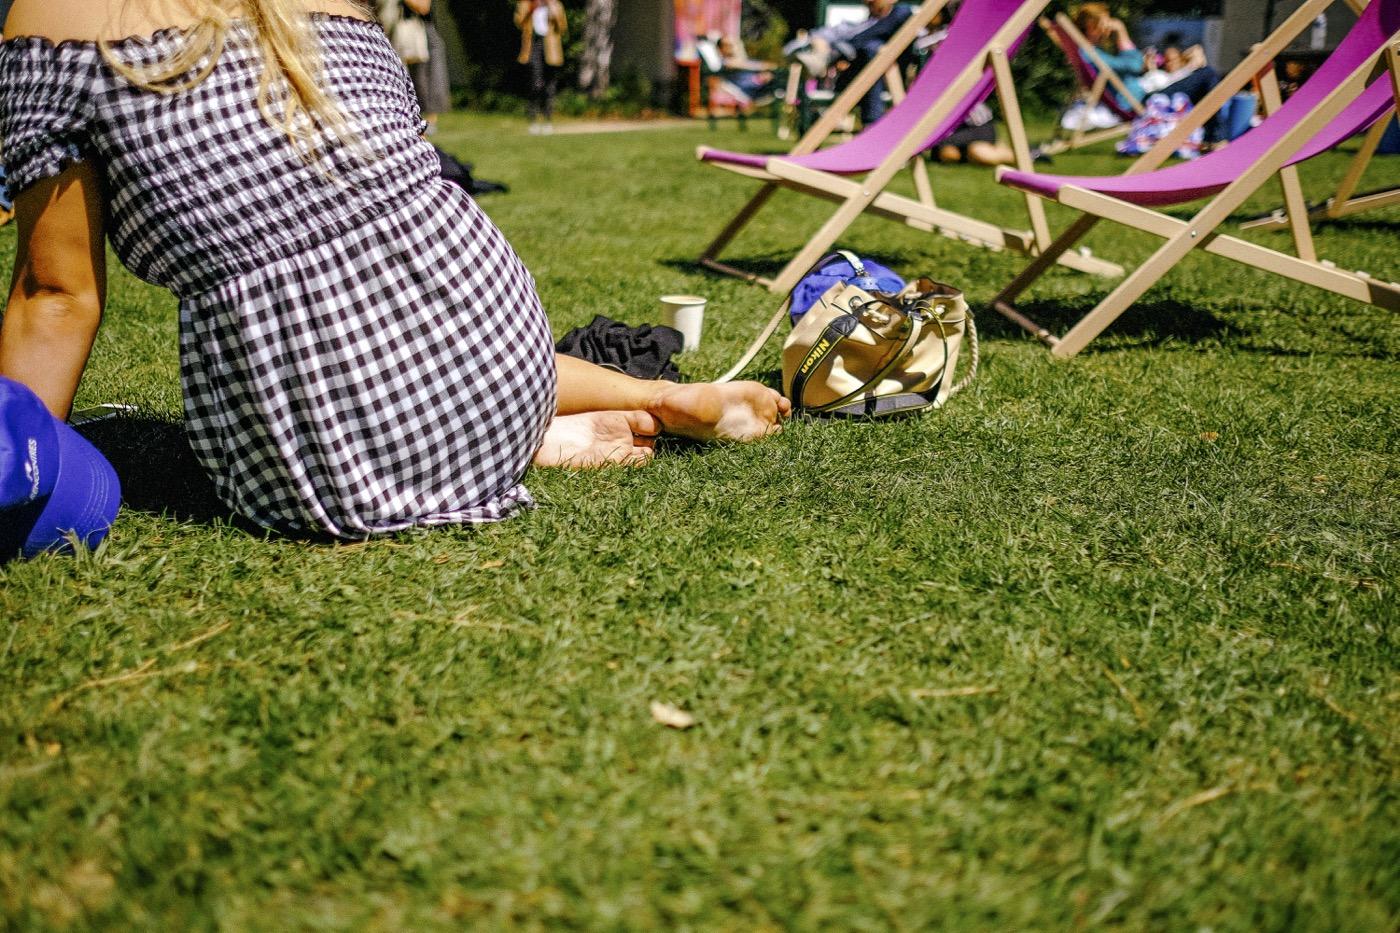 festival hyeres 2017 © laurentparienti.com - 13